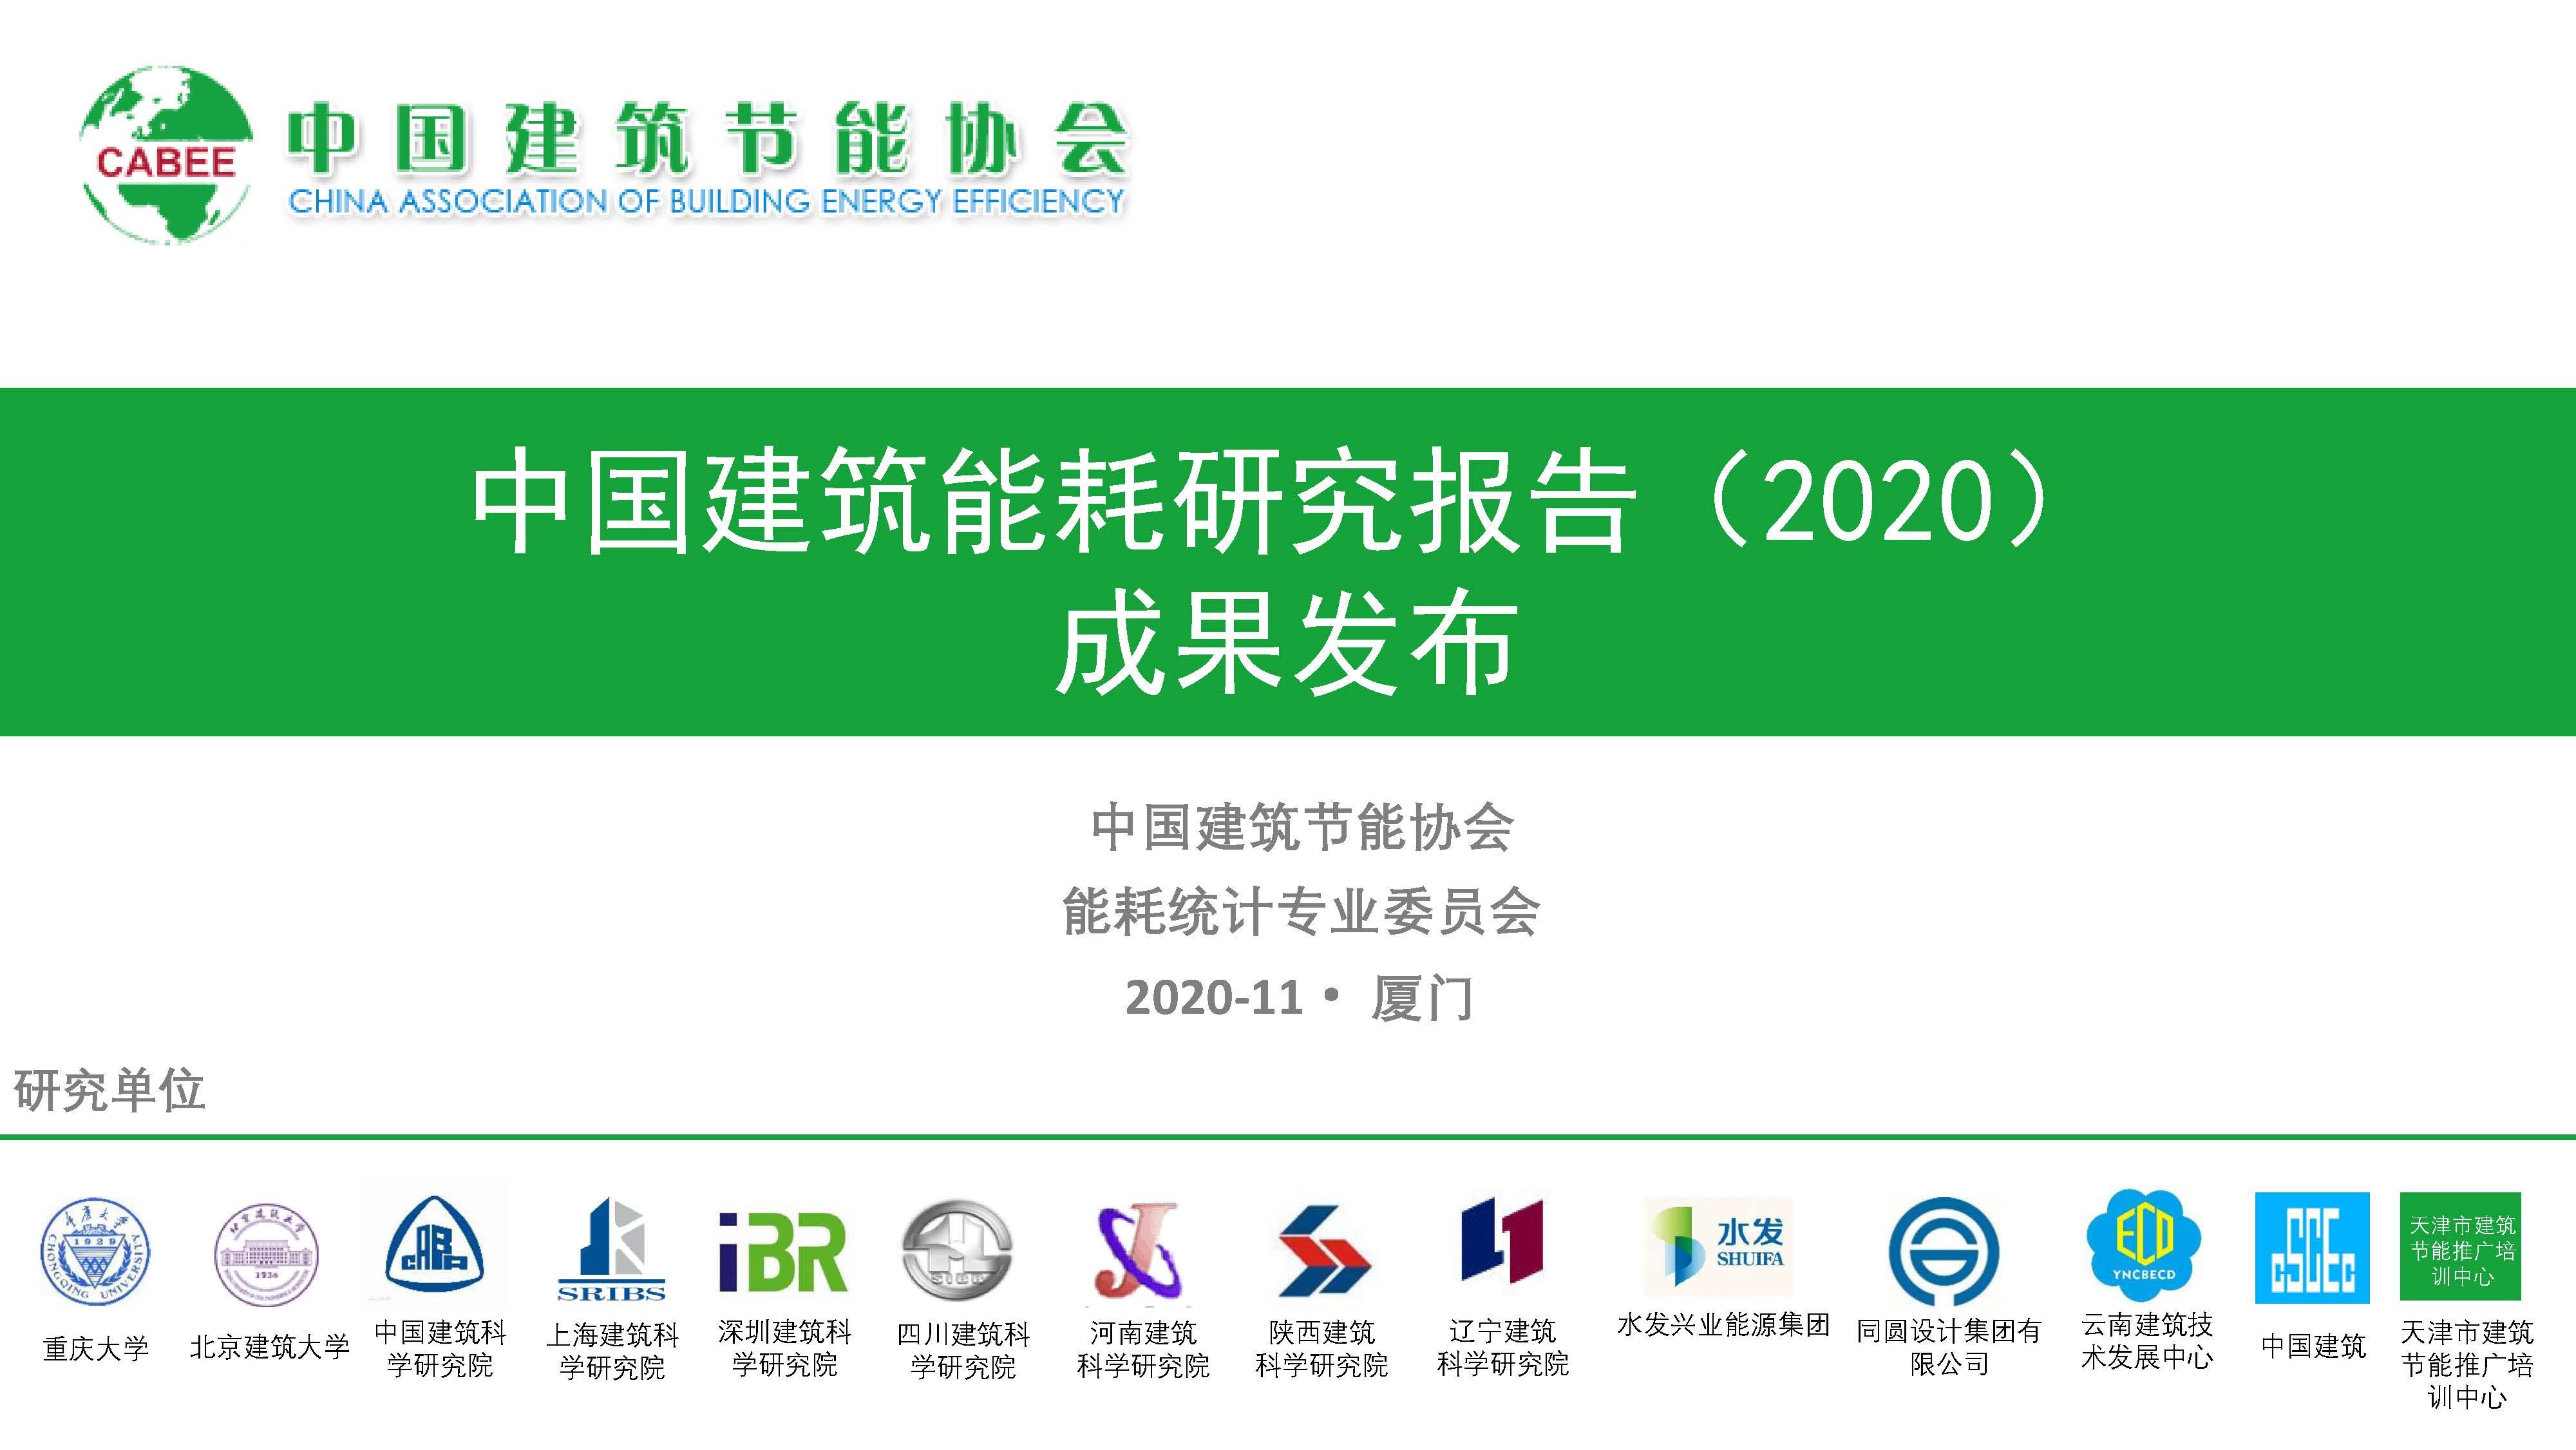 中国建筑能耗研究报告(2020)(1)_页面_01.jpg